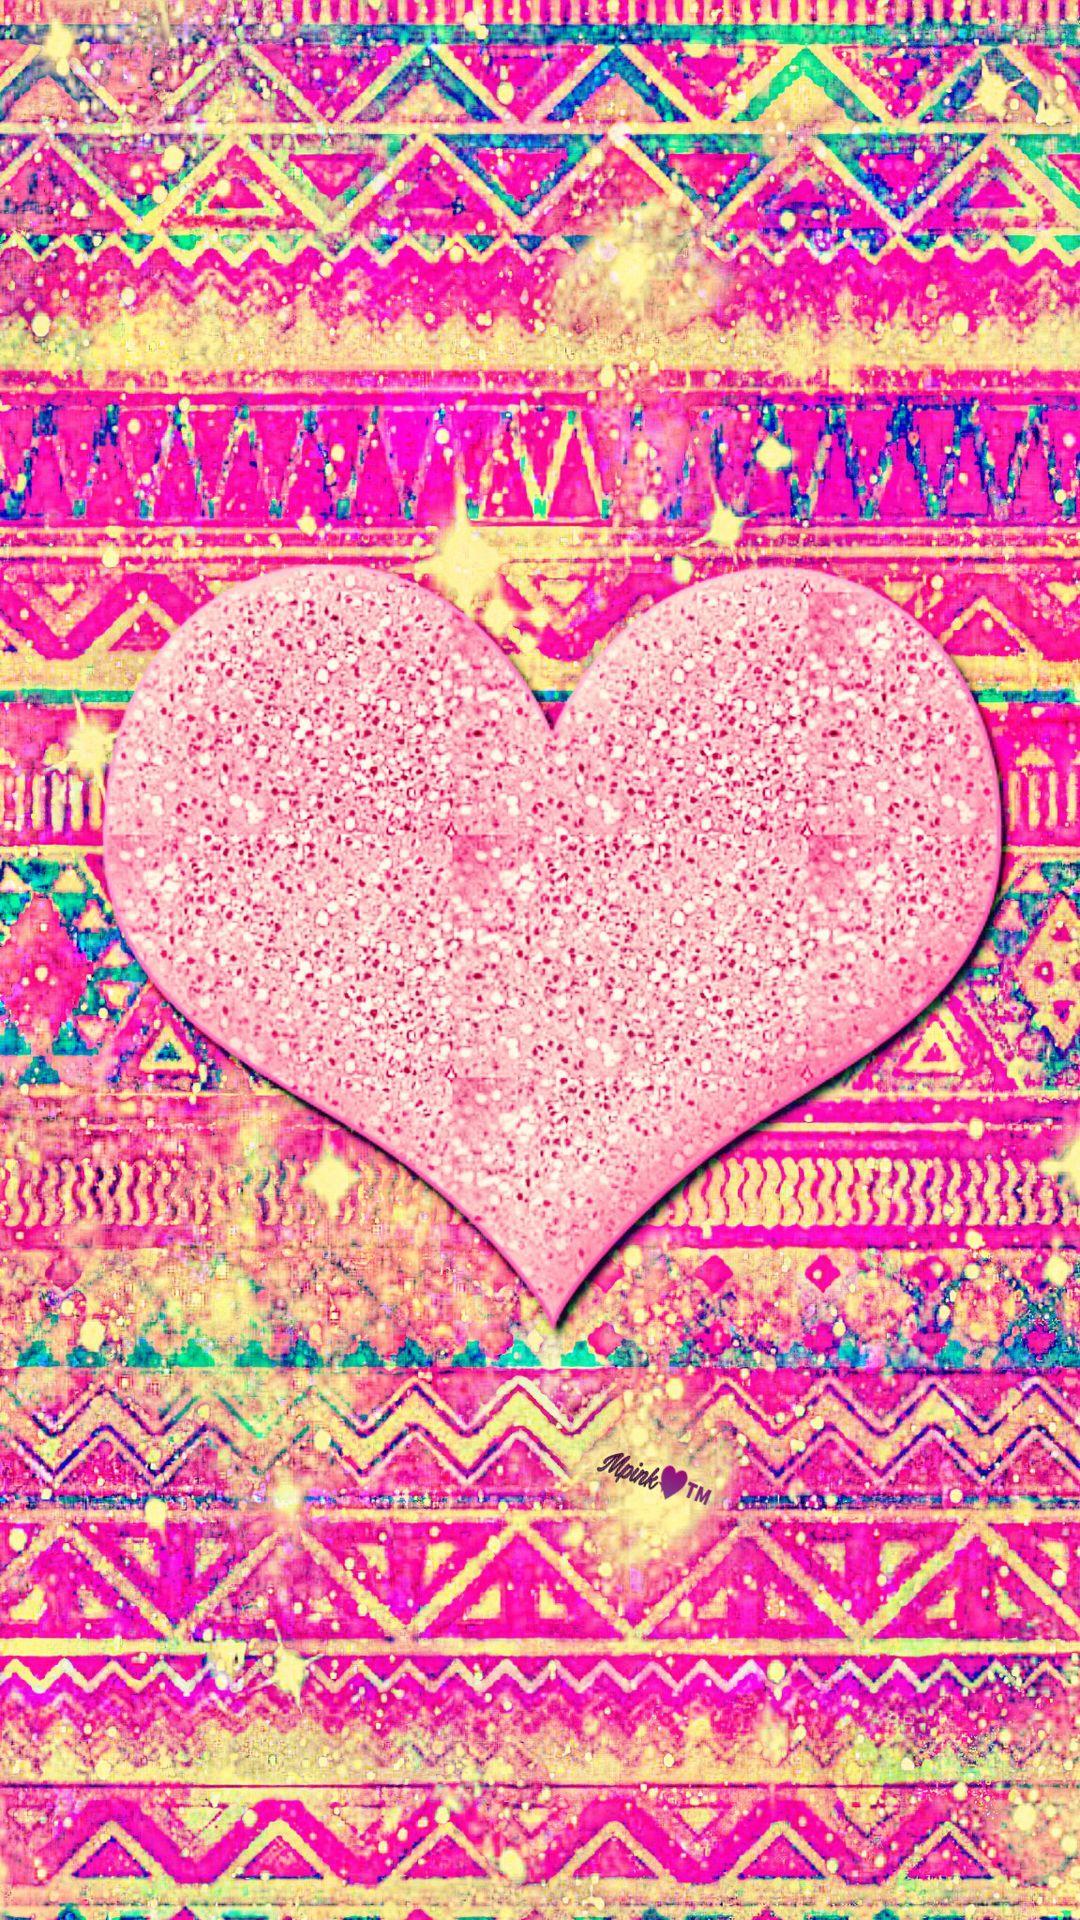 Pink Heart Galaxy Wallpaper Androidwallpaper Iphonewallpaper Wallpaper Galaxy Sparkle Glitter Loc Galaxy Wallpaper Pink Wallpaper Iphone Heart Wallpaper